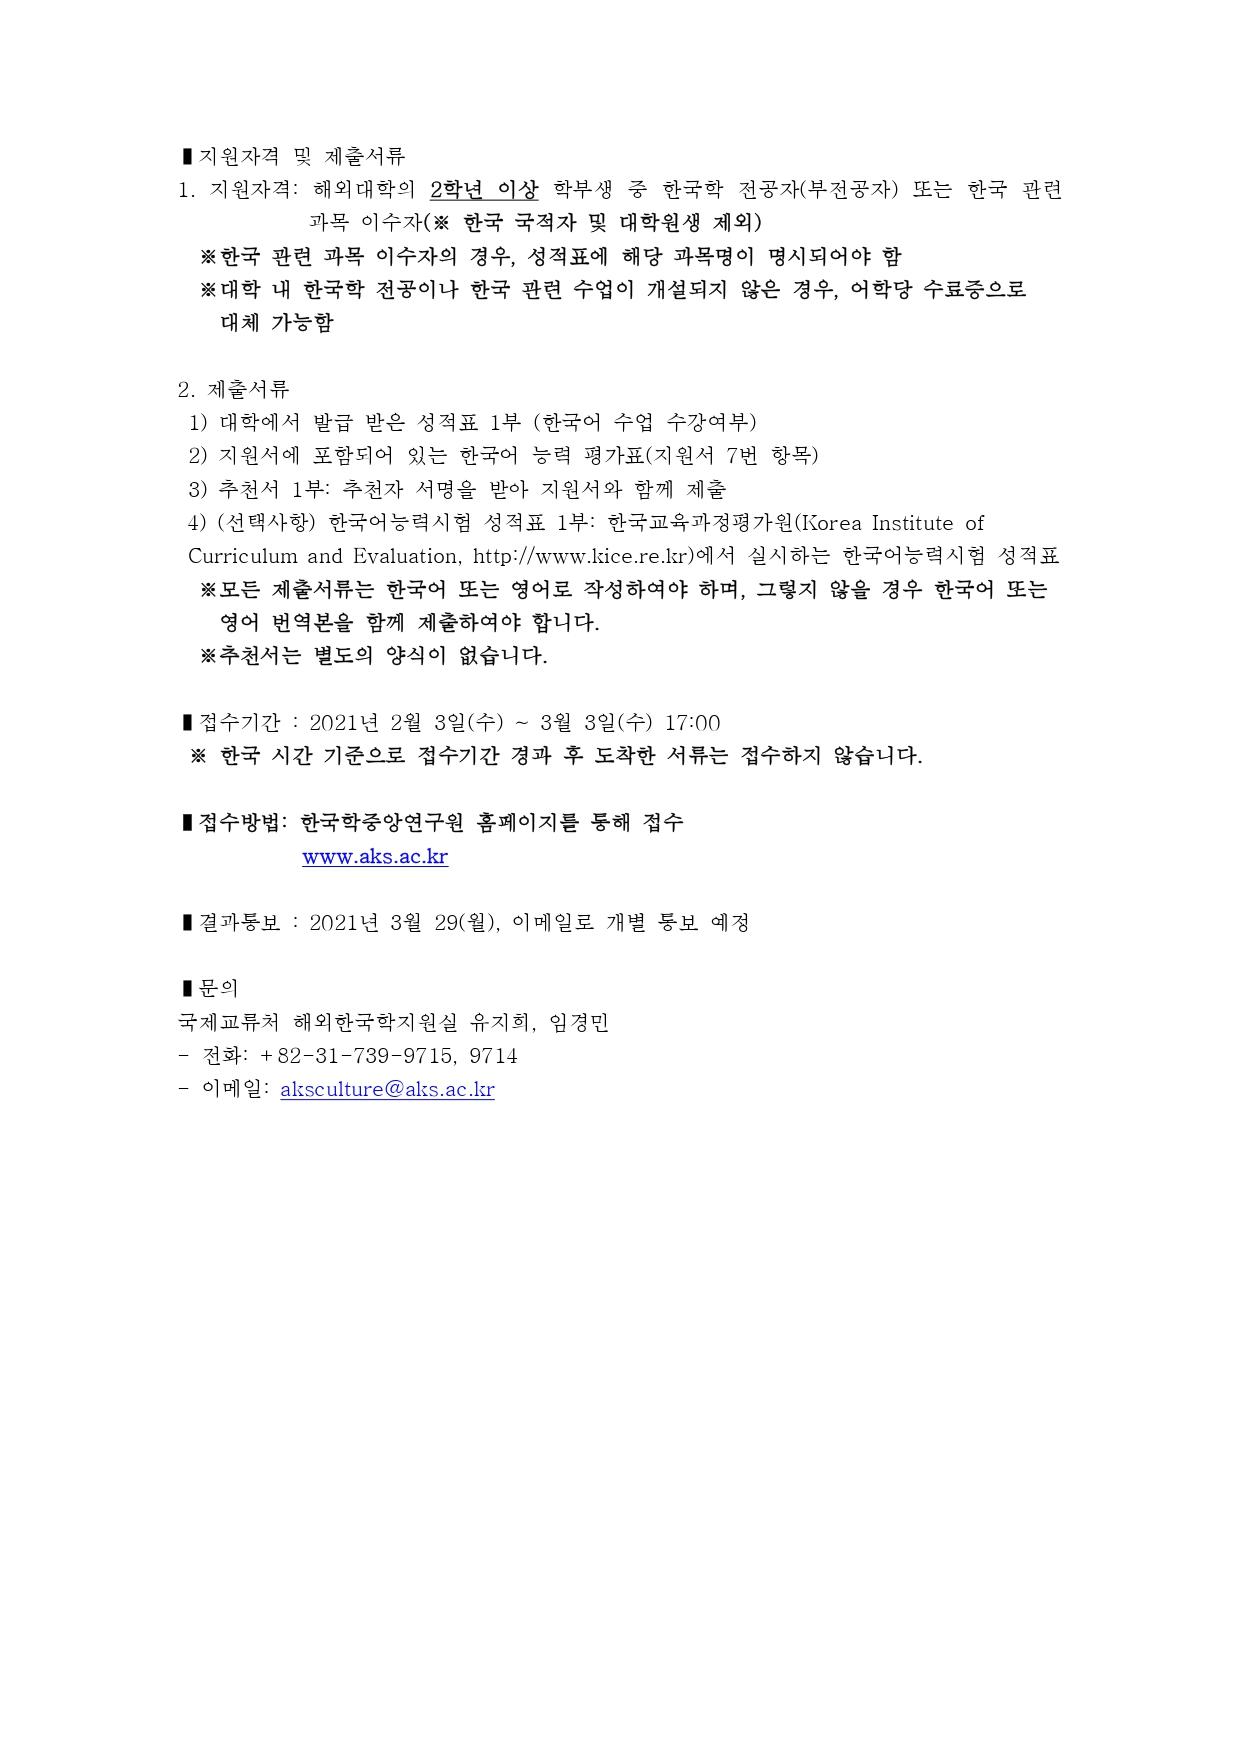 제30회, 제31회 한국문화강좌 공고문-1-2_page-0004.jpg